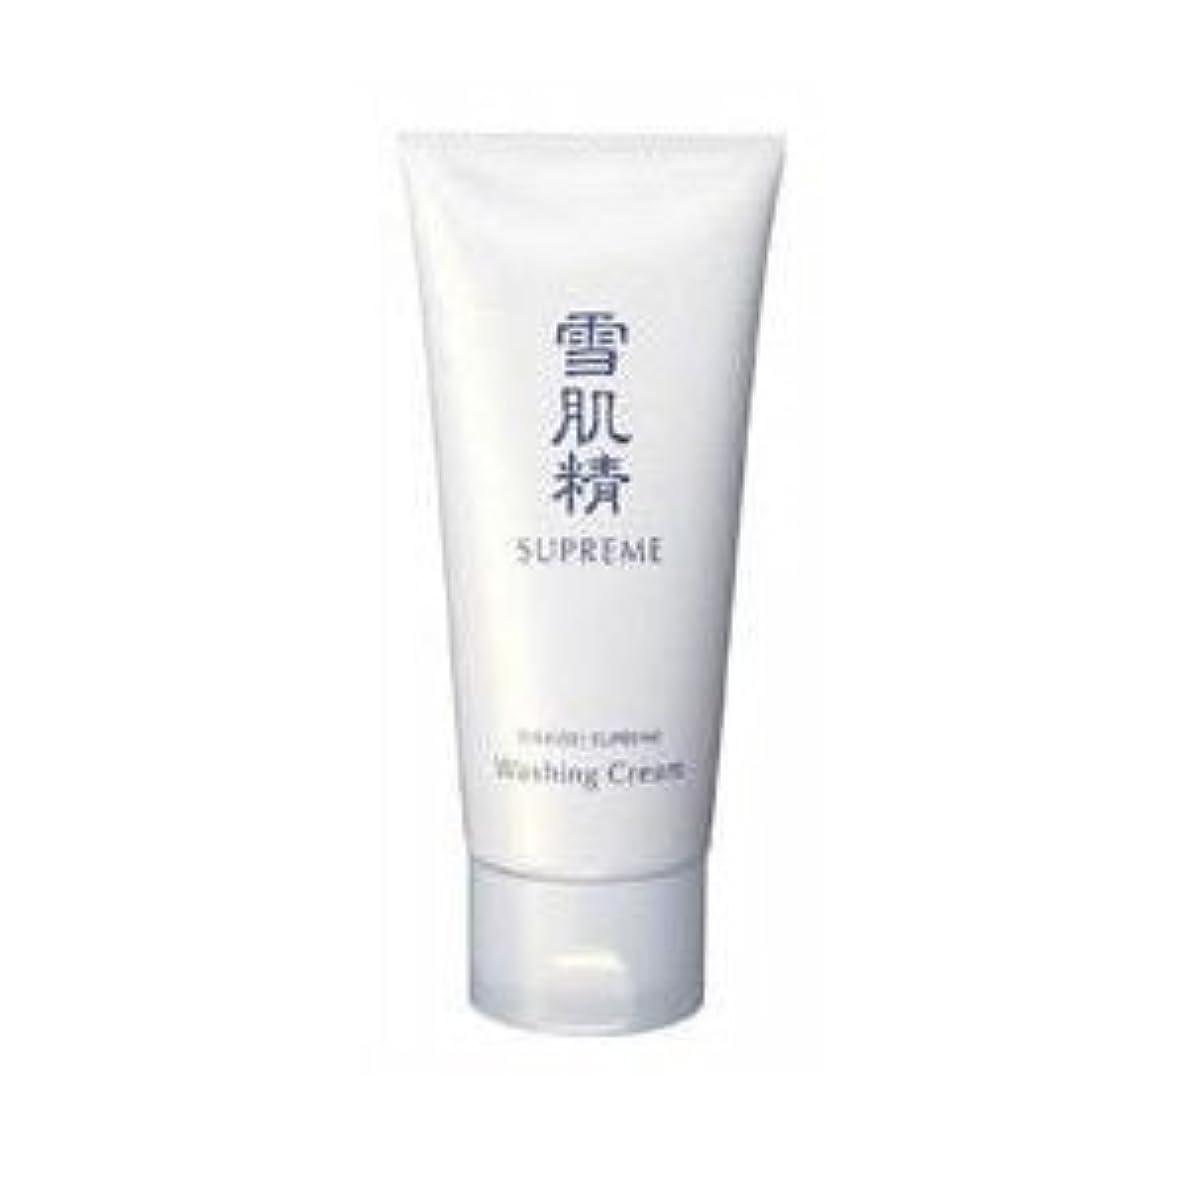 整理する弾力性のある正確コーセー 雪肌精 シュープレム 洗顔クリーム 140g